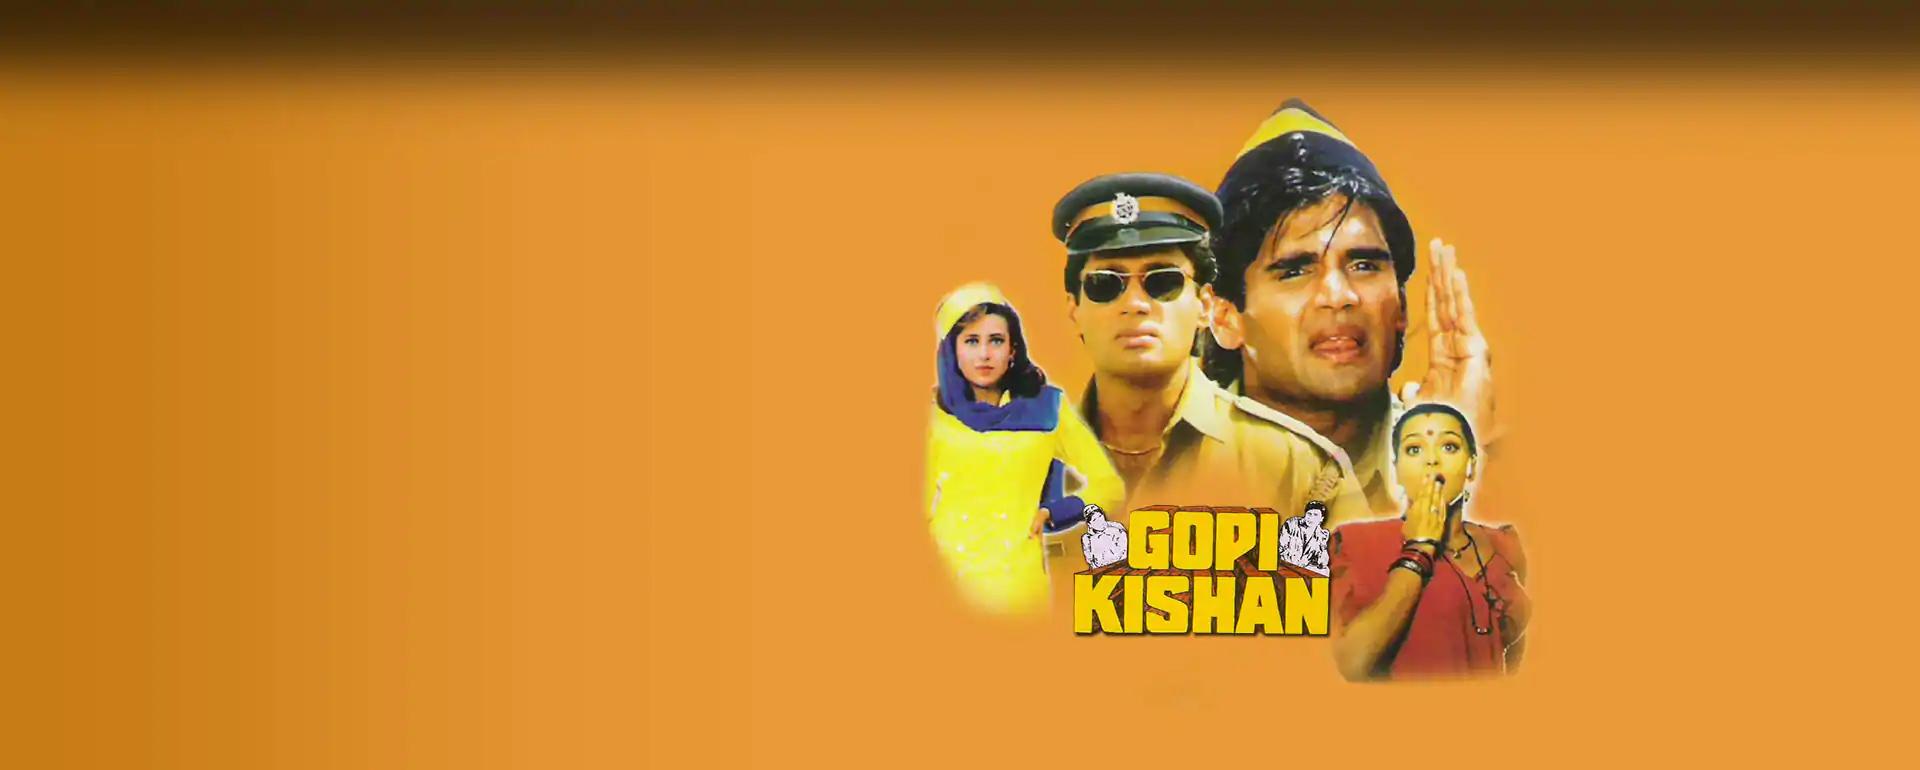 GOPI KISHAN